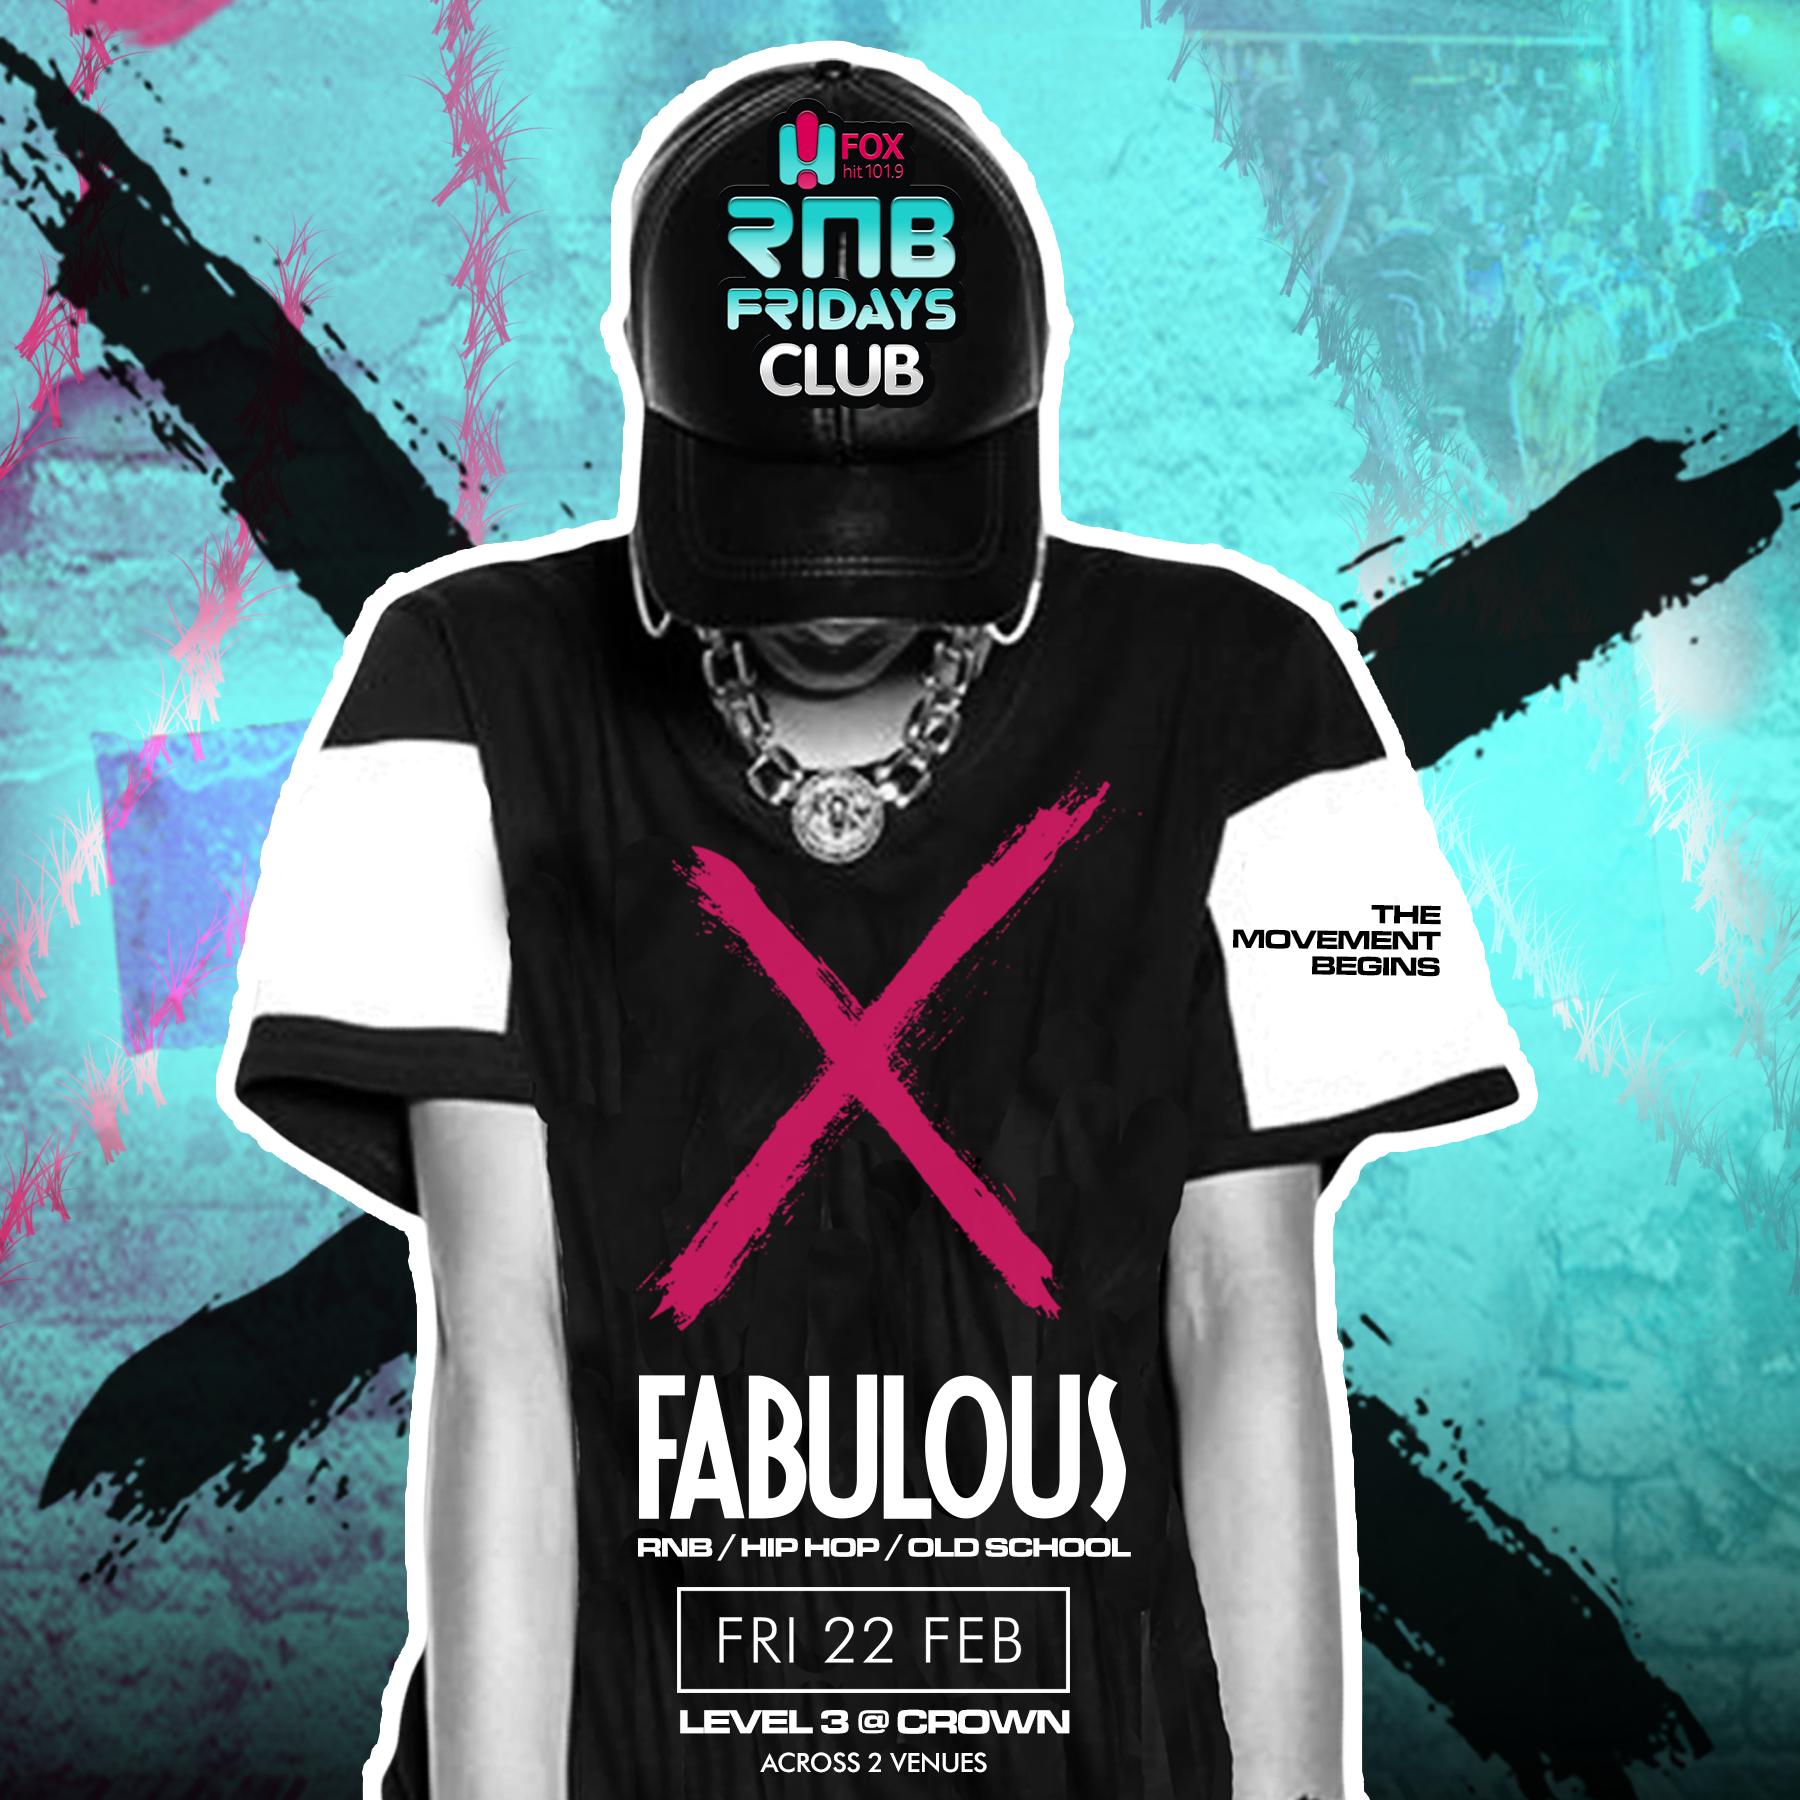 190222_Fabulous_1800x1800.png